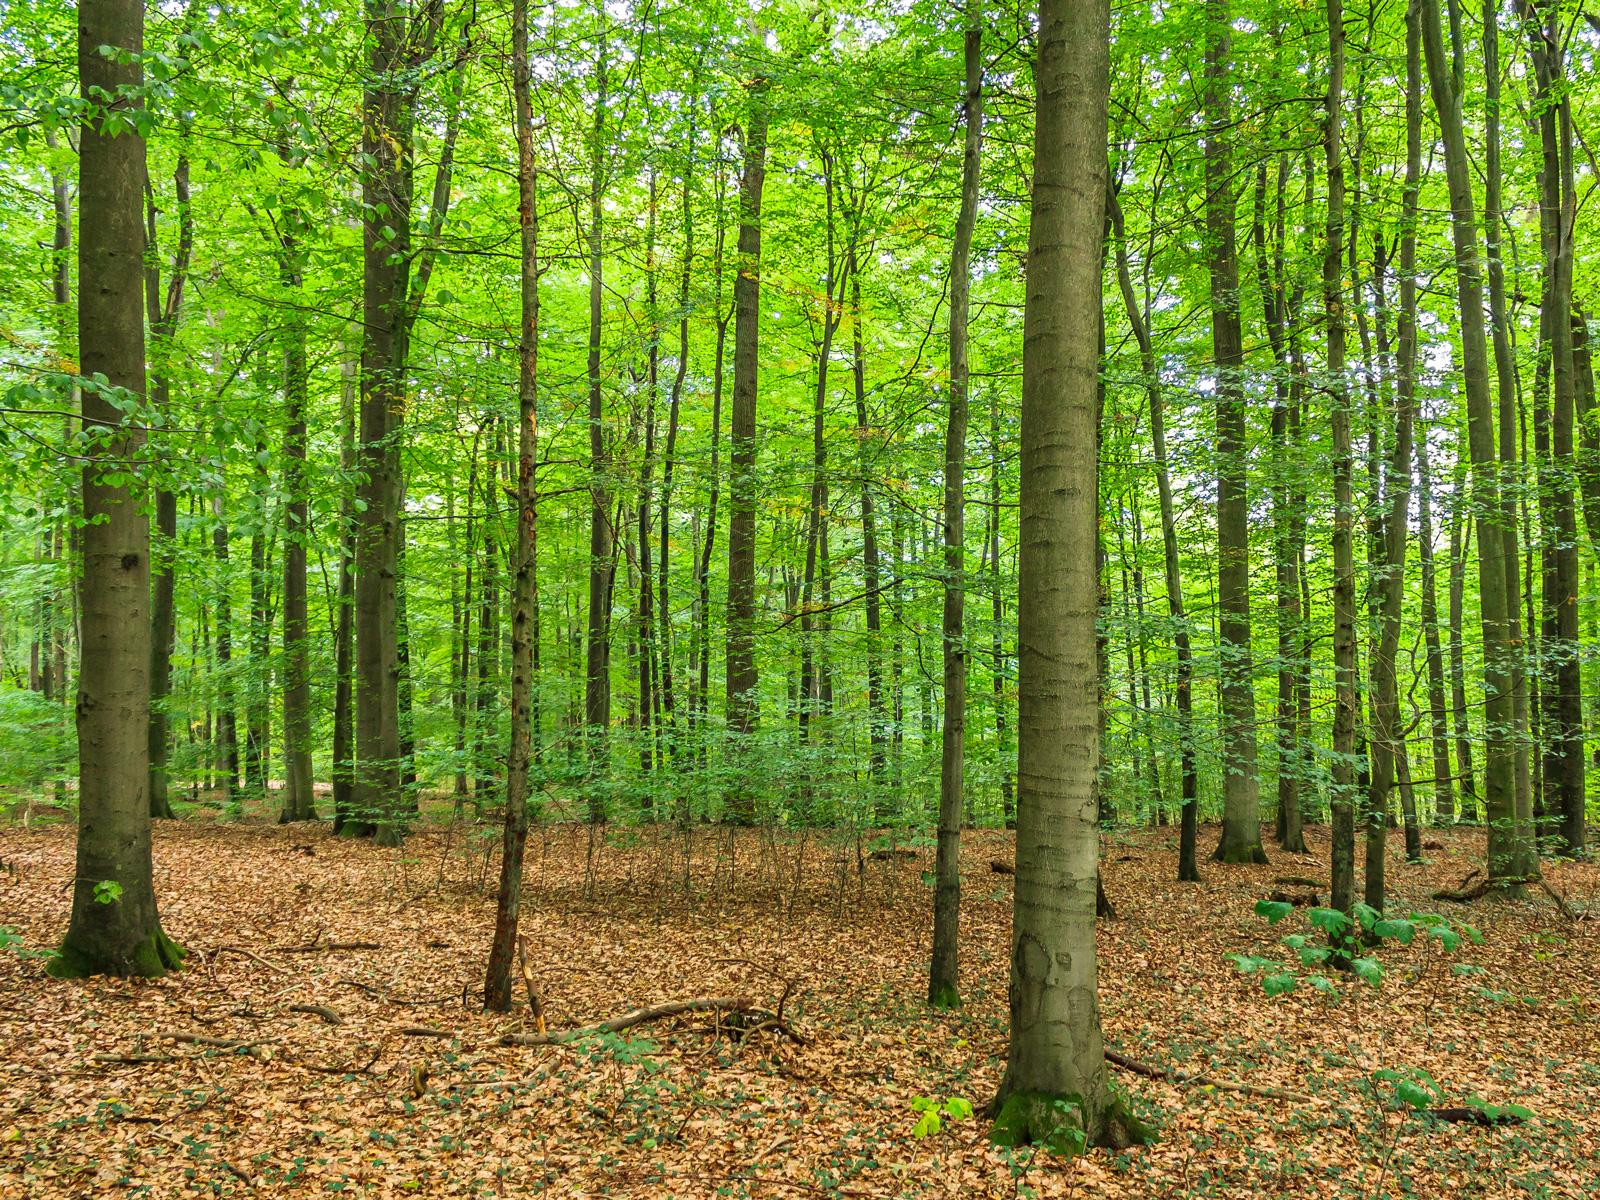 Buchenwald mit Naturverjüngung im Mittelgrund